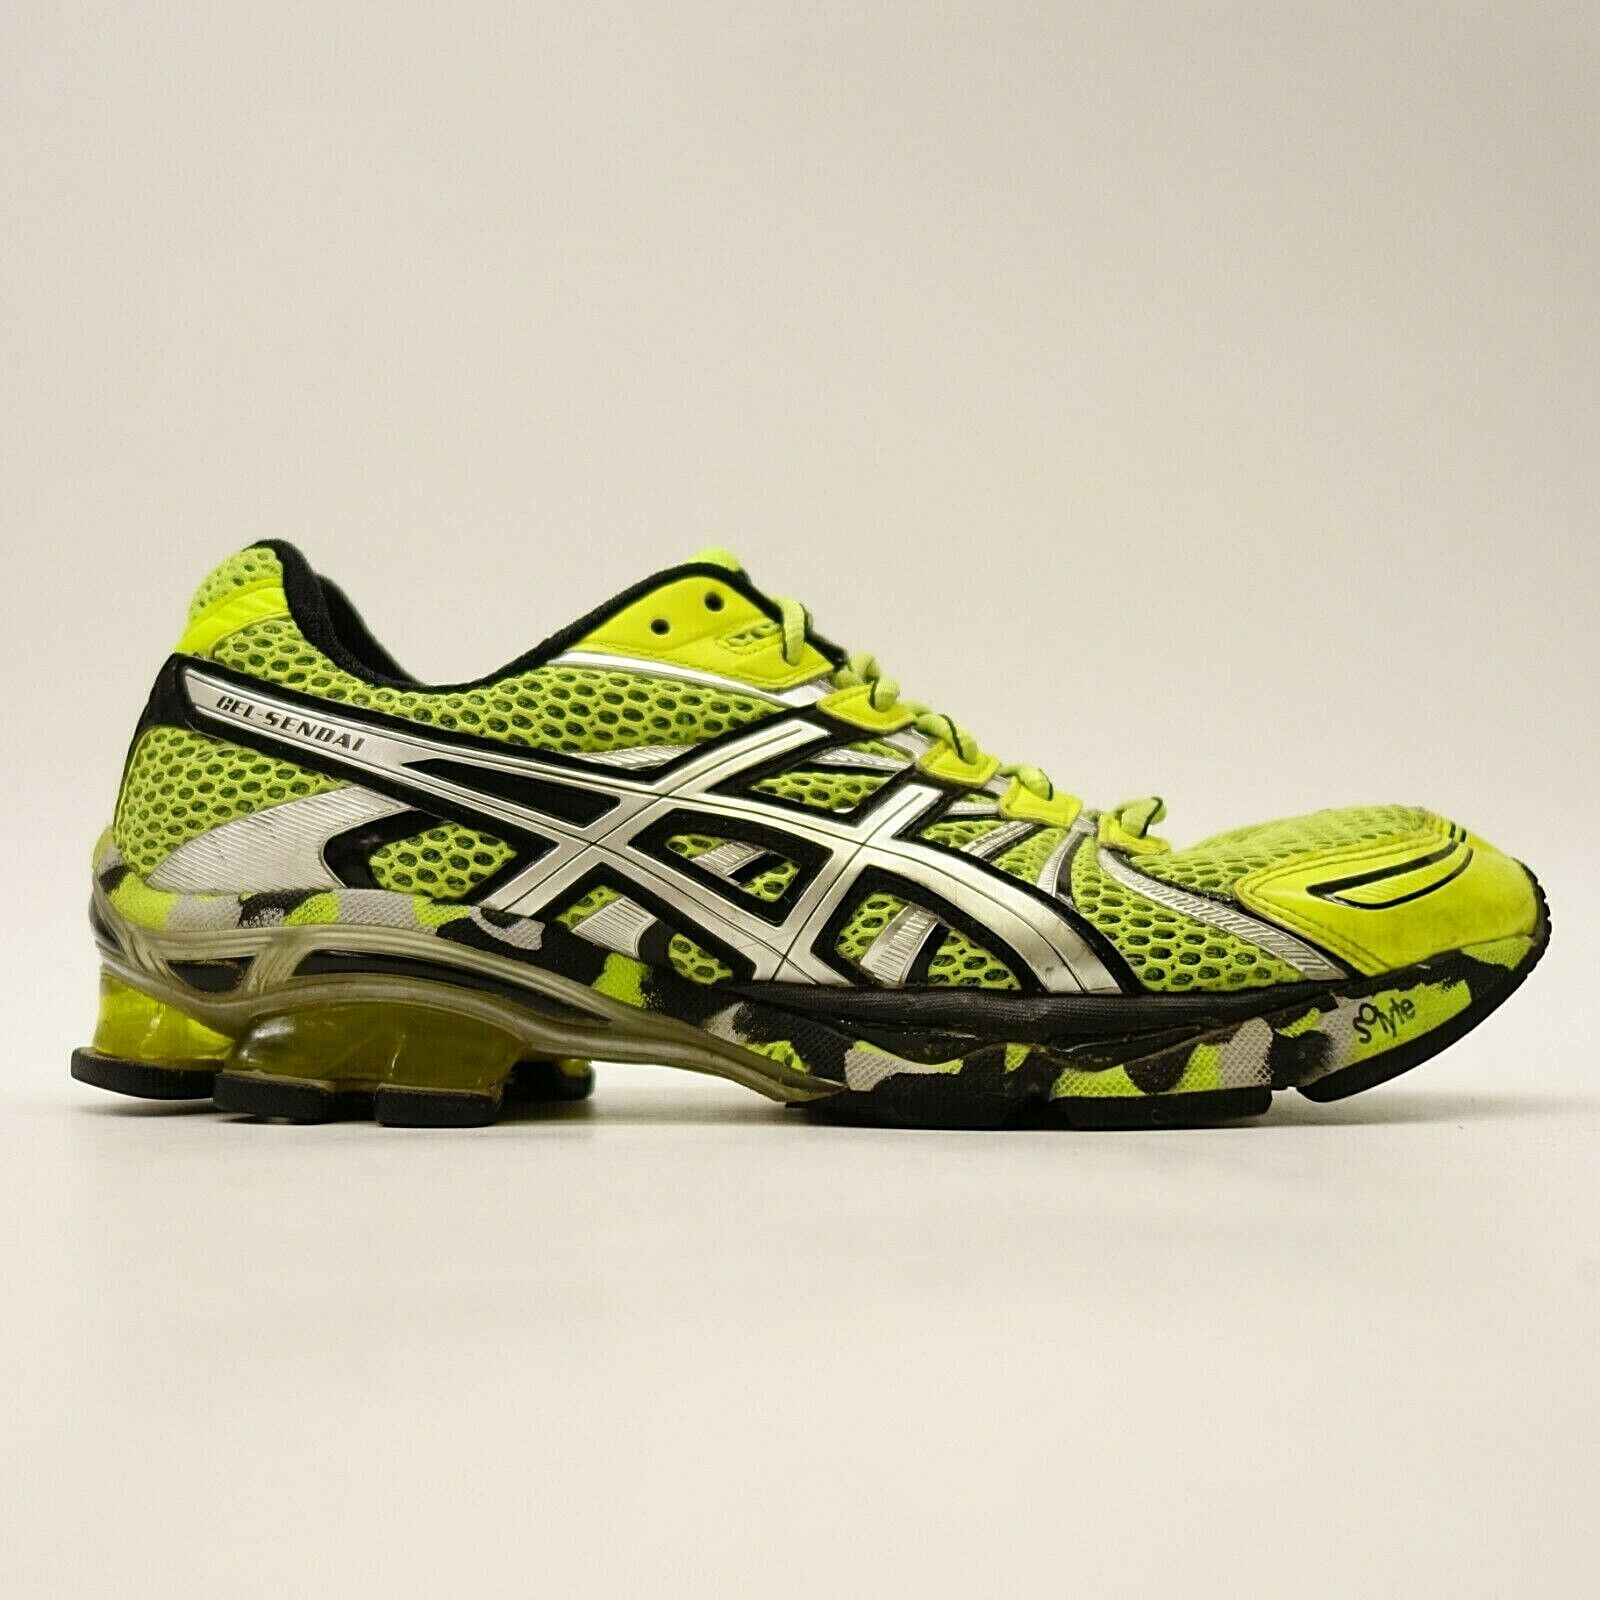 Asics Gel Sendai T31DQ Herren US 9,5 Eu 43.5 Neongelb Athleten Laufschuhe